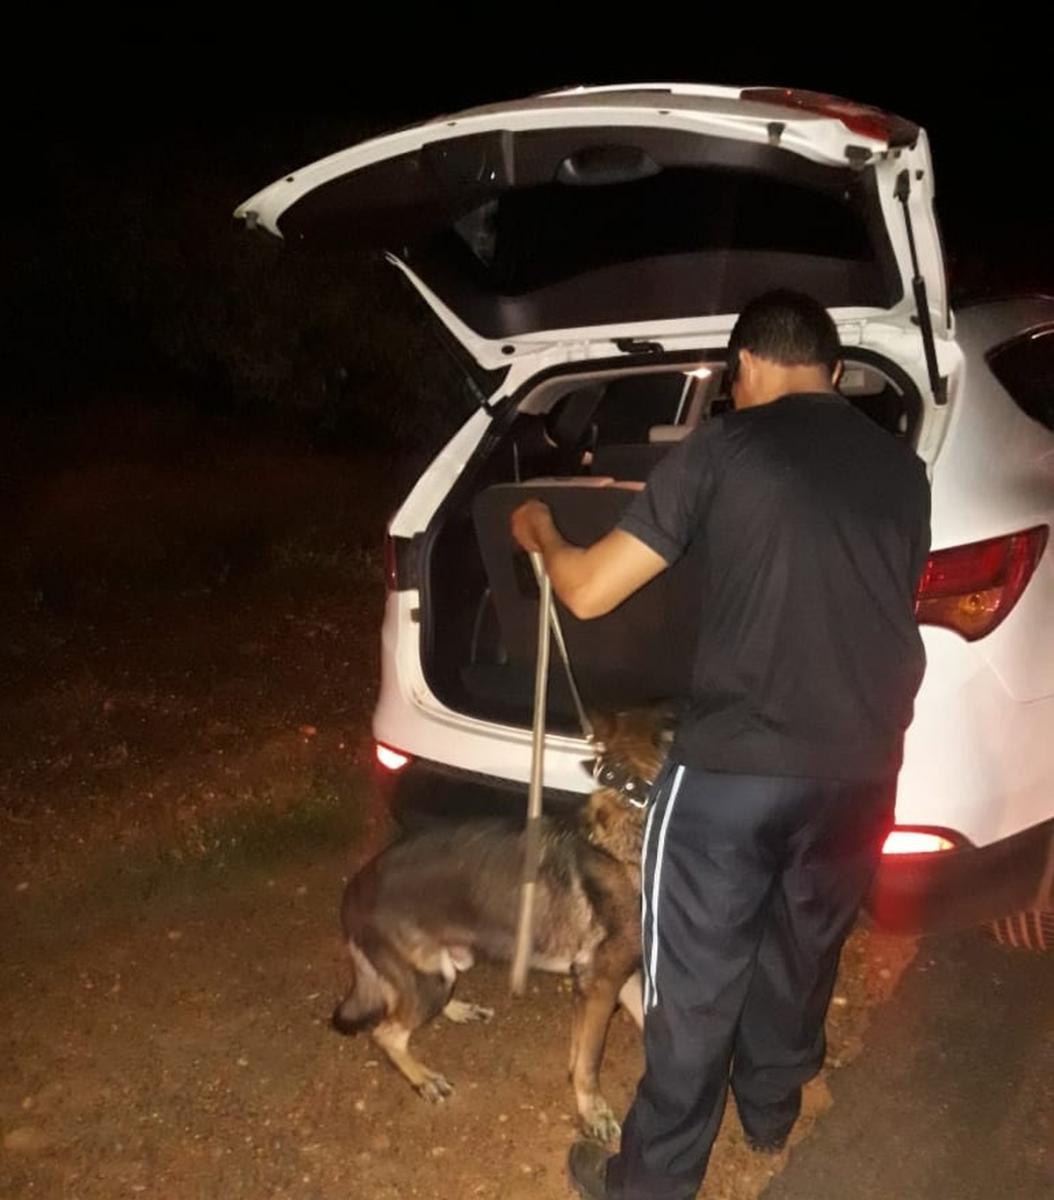 Polícia encontra 2,4 Kg de cocaína escondida em banco de carro que vinha de São Paulo para Picos